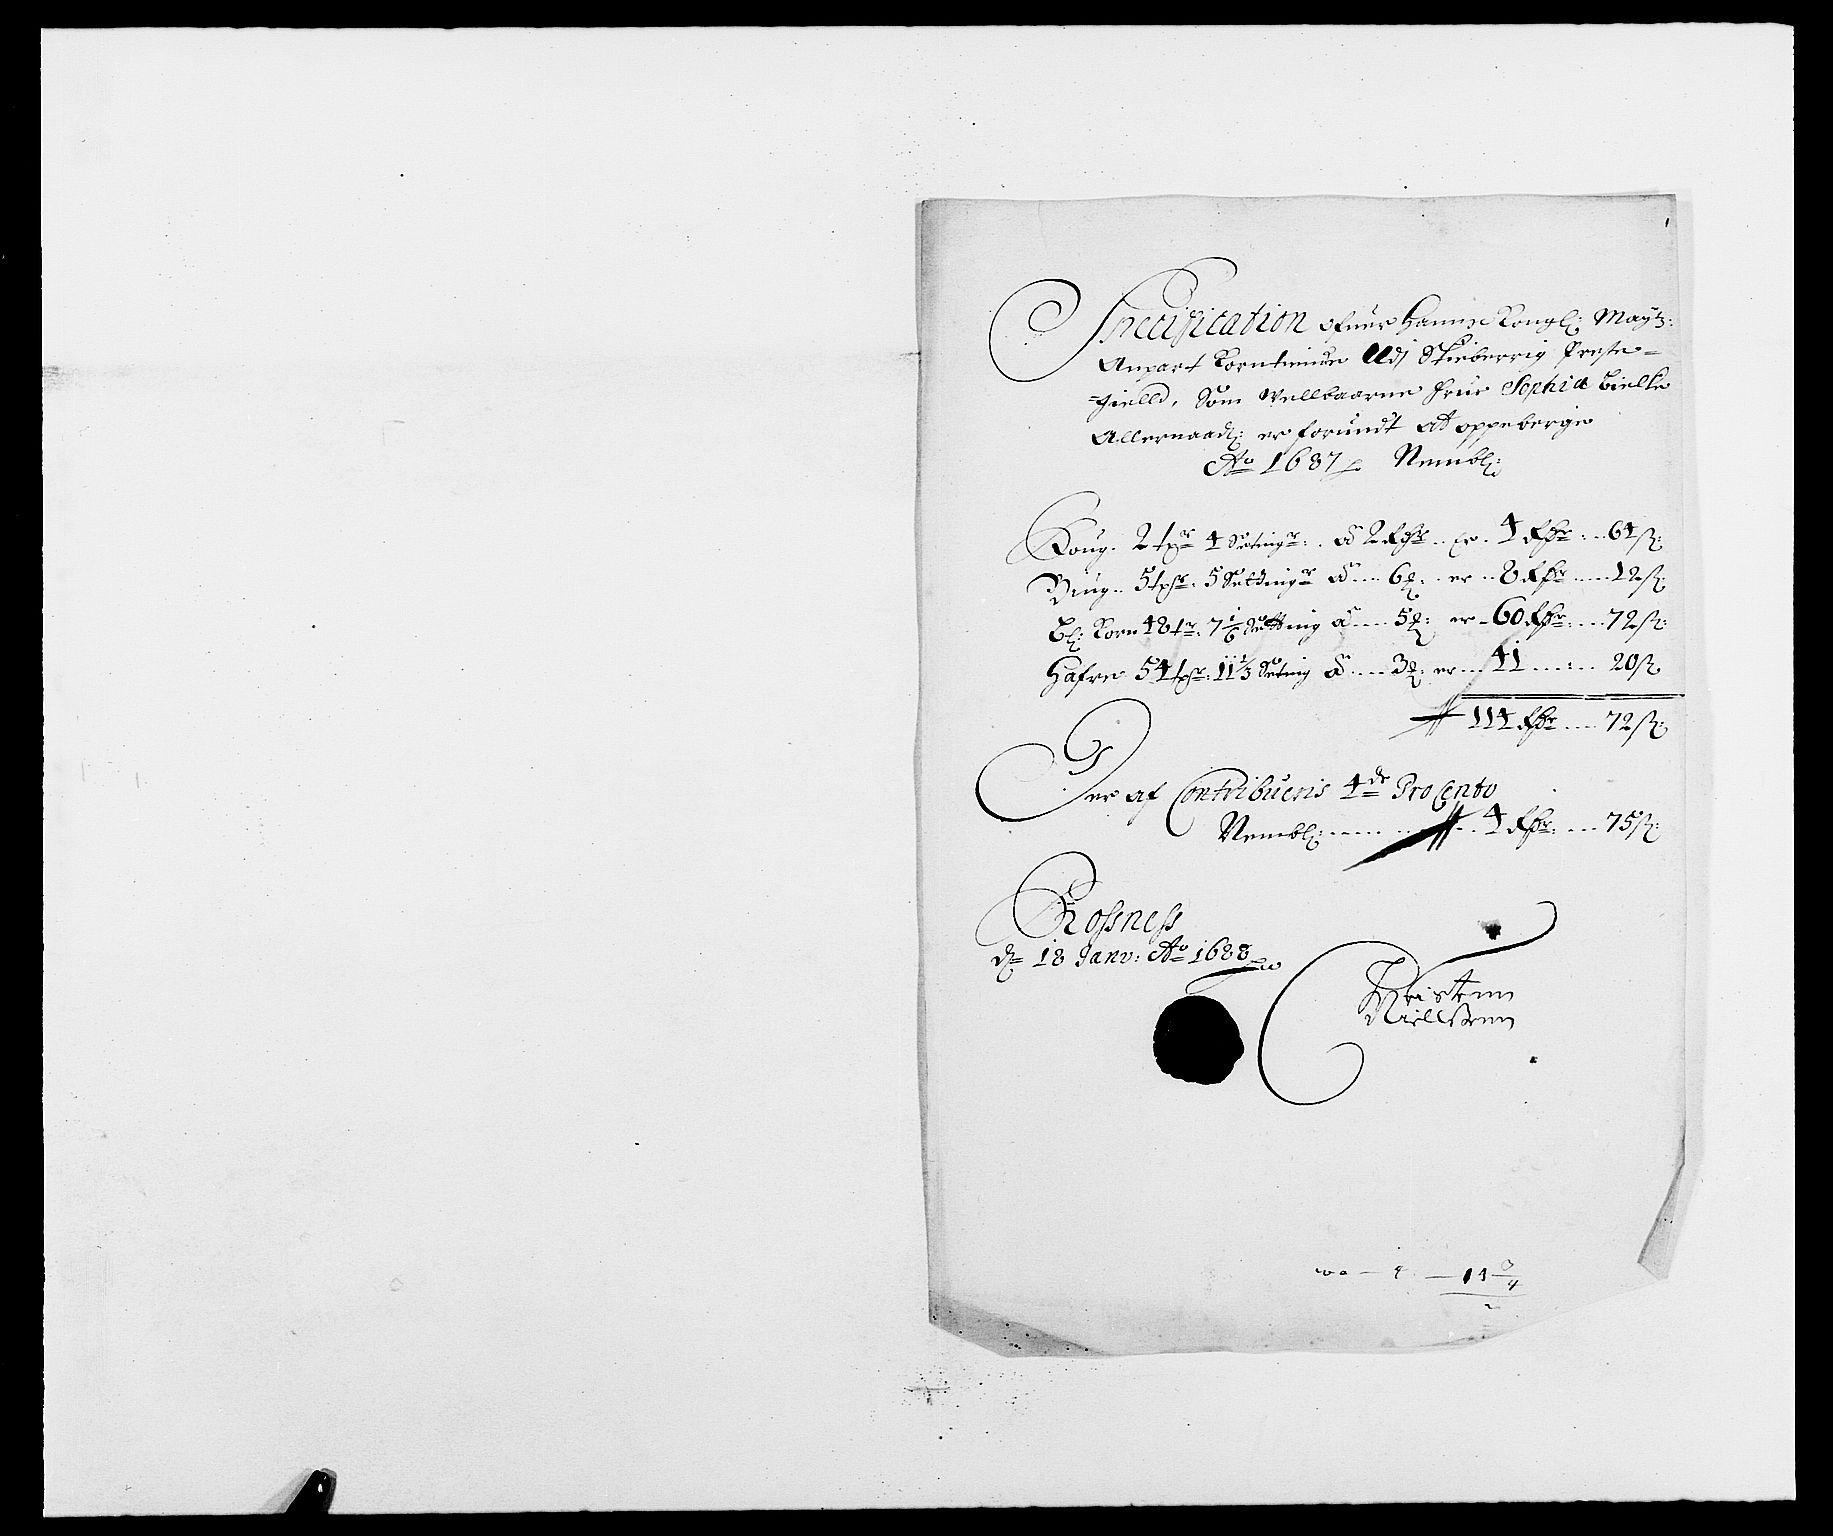 RA, Rentekammeret inntil 1814, Reviderte regnskaper, Fogderegnskap, R01/L0007: Fogderegnskap Idd og Marker, 1687-1688, s. 197